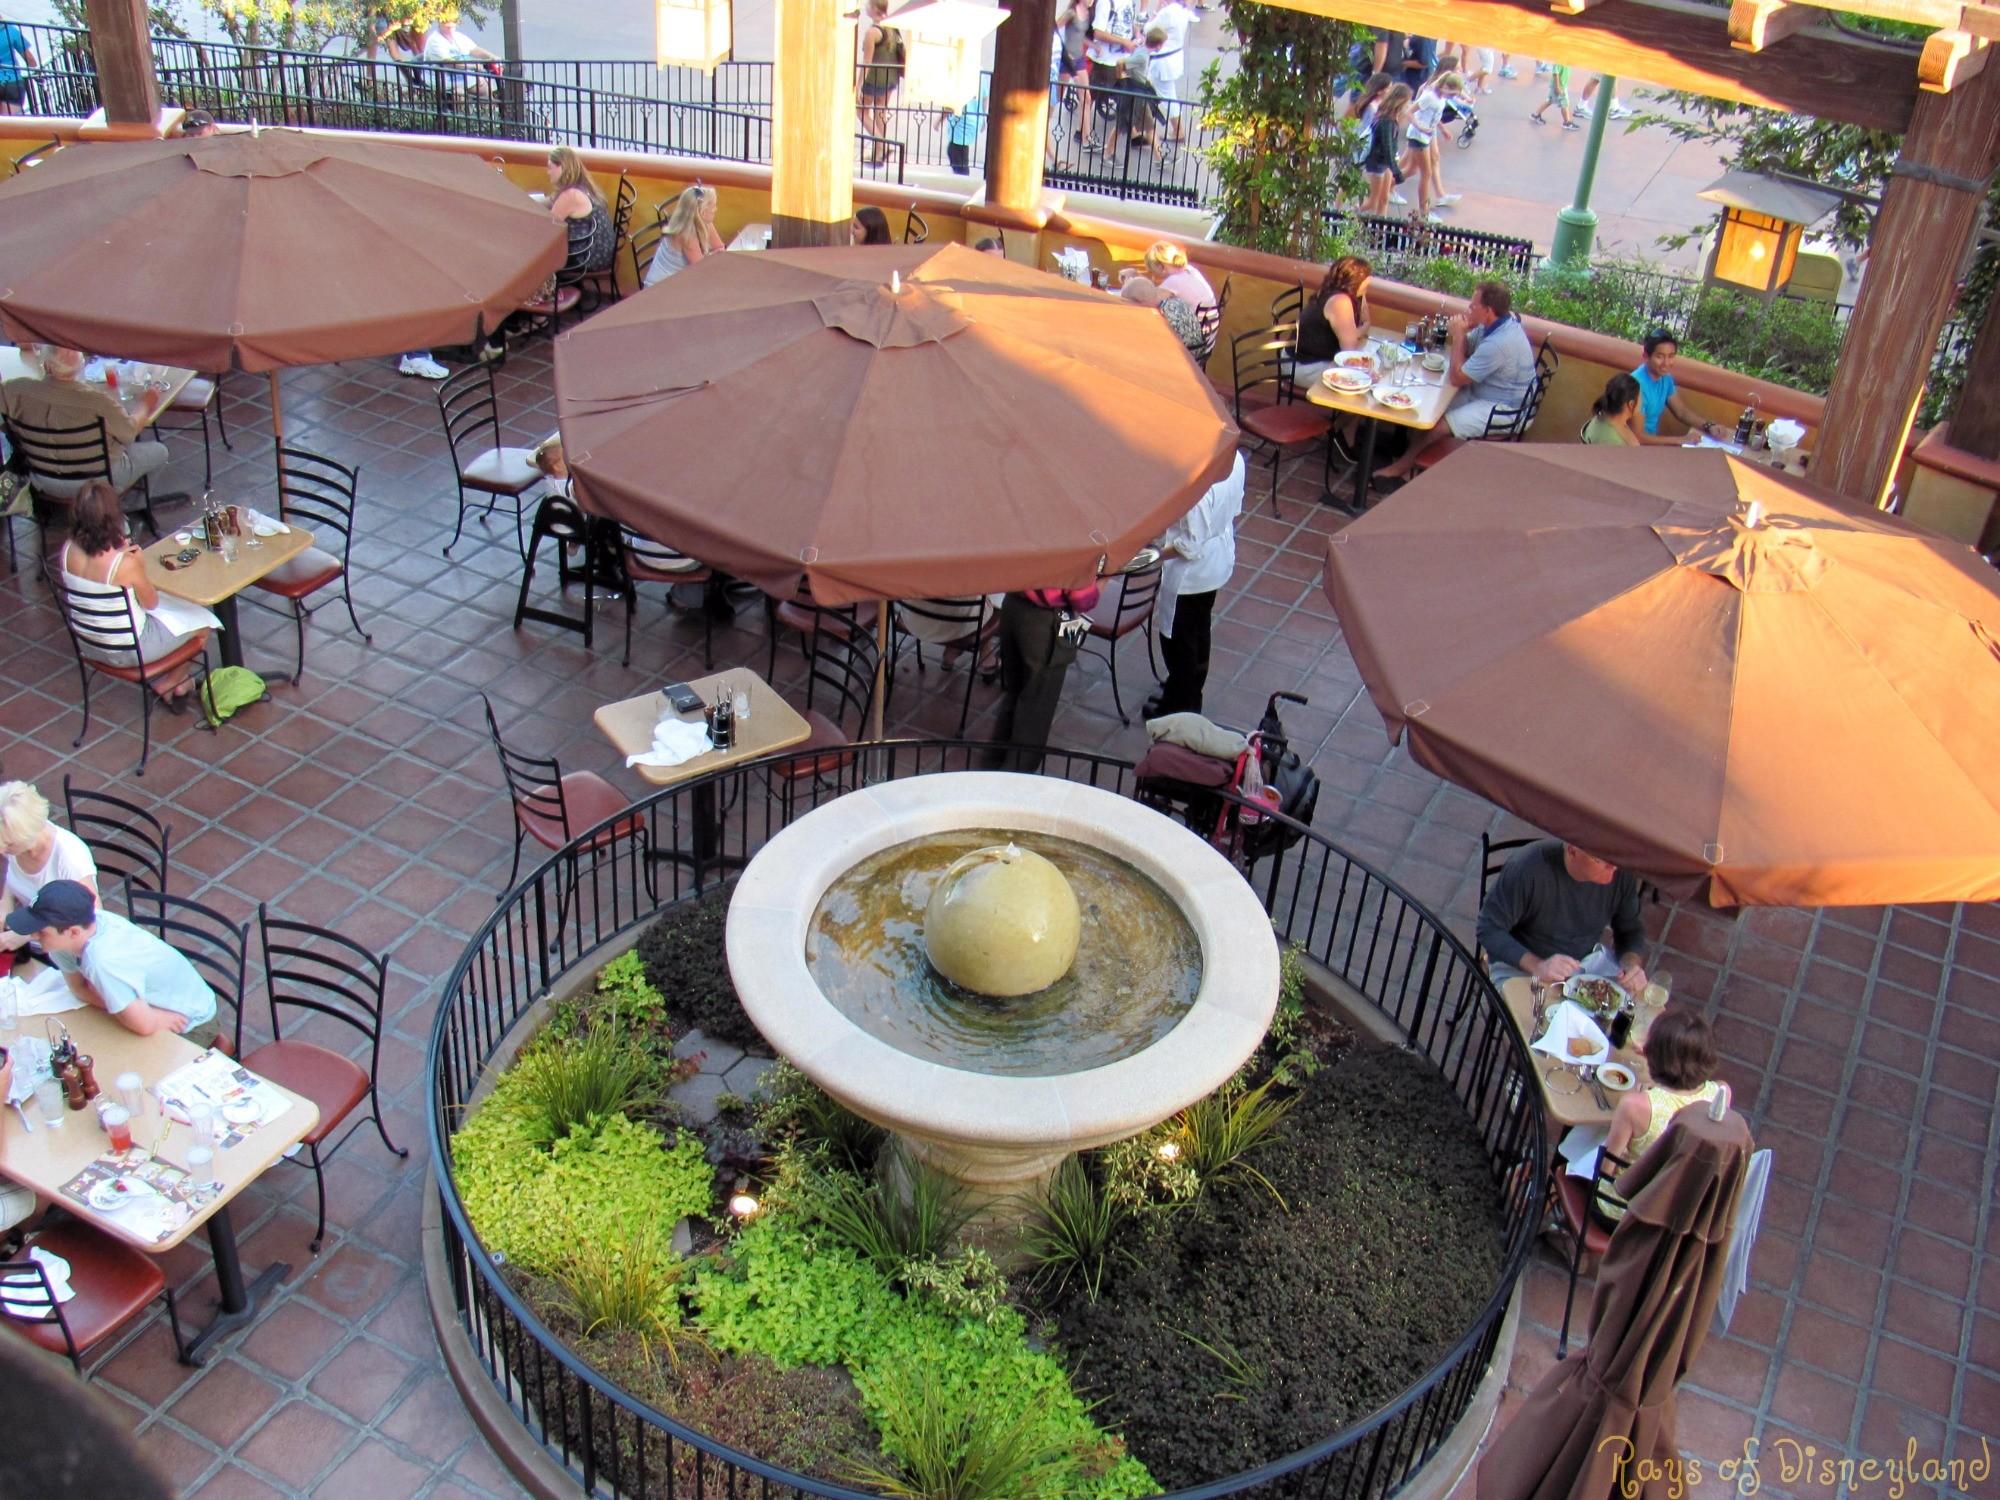 カリフォルニア・アドベンチャーで食事をするなら!おすすめレストラン5選